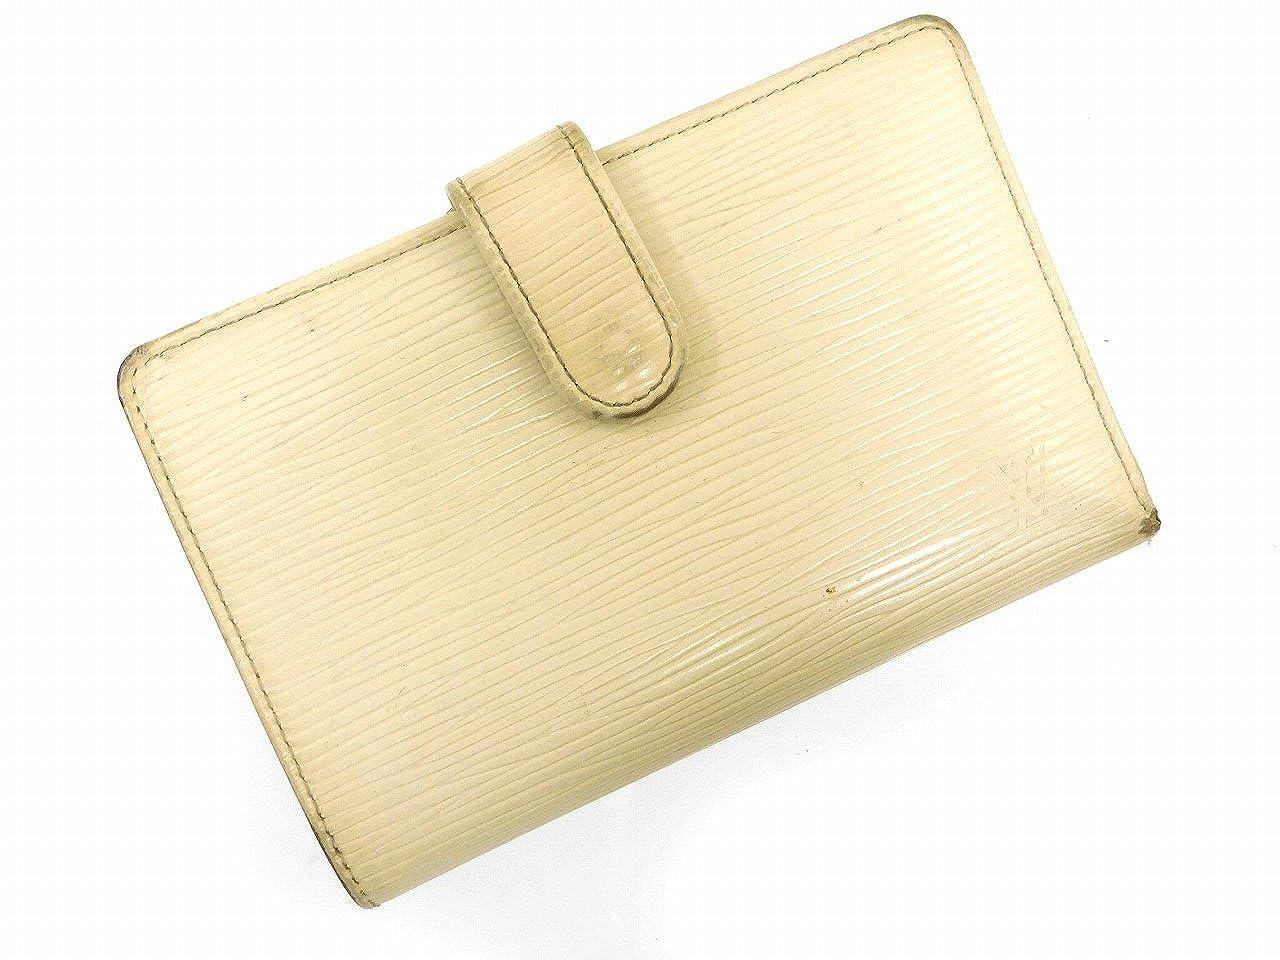 [ルイヴィトン] LOUIS VUITTON 二つ折り財布 エピ M6515J エピレザー X7208 中古   B0757HFFYL